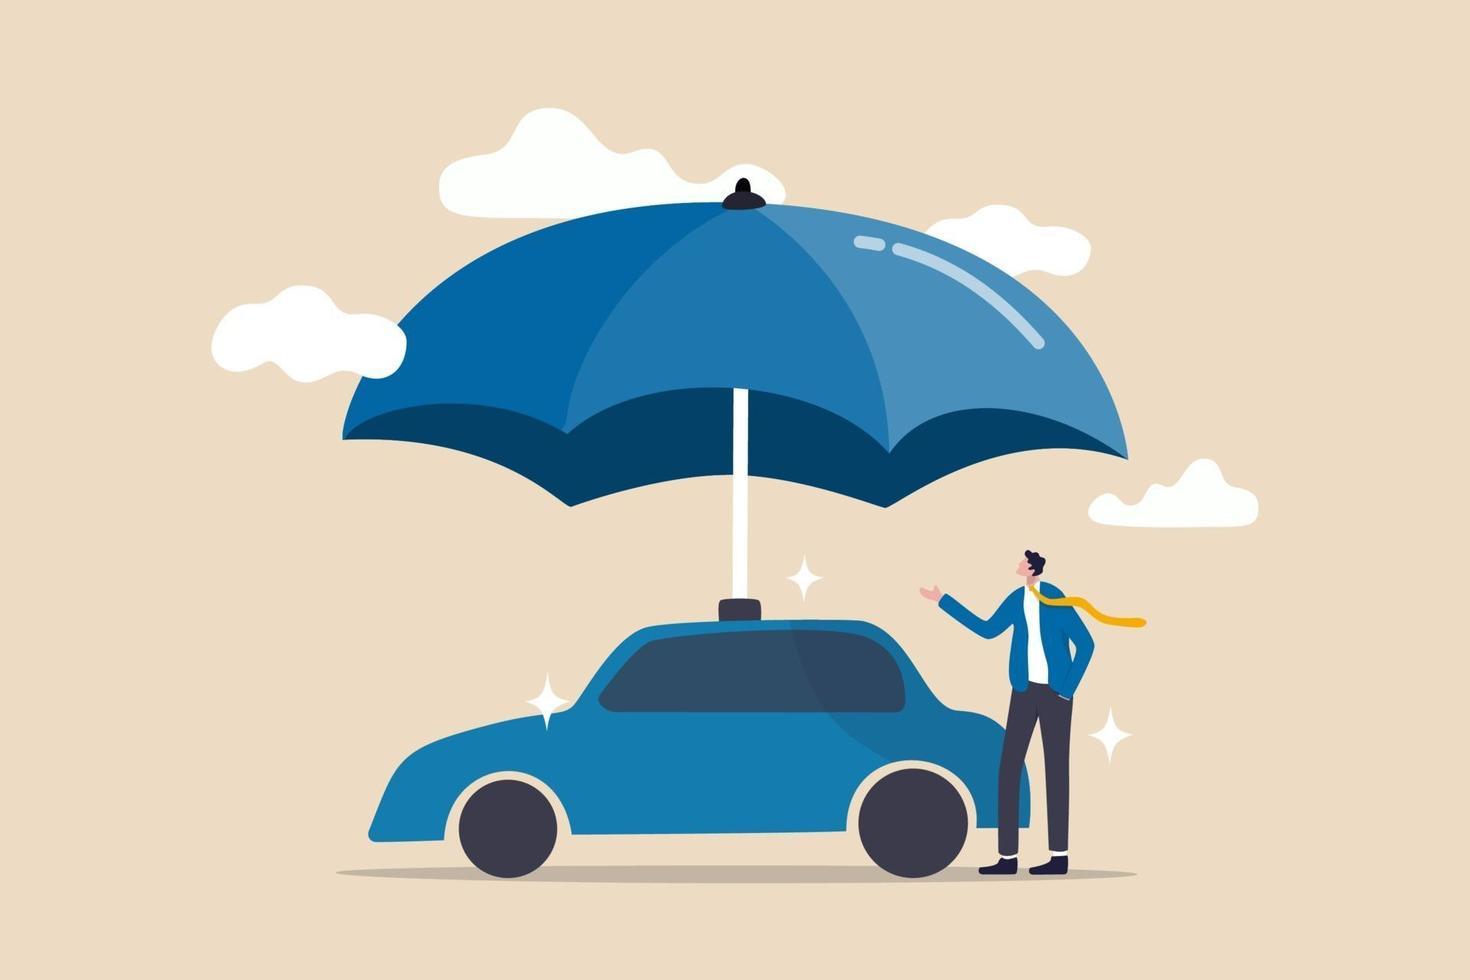 bilförsäkring, olycksskydd för fordon, säkerhet eller försäkring servicekoncept vektor